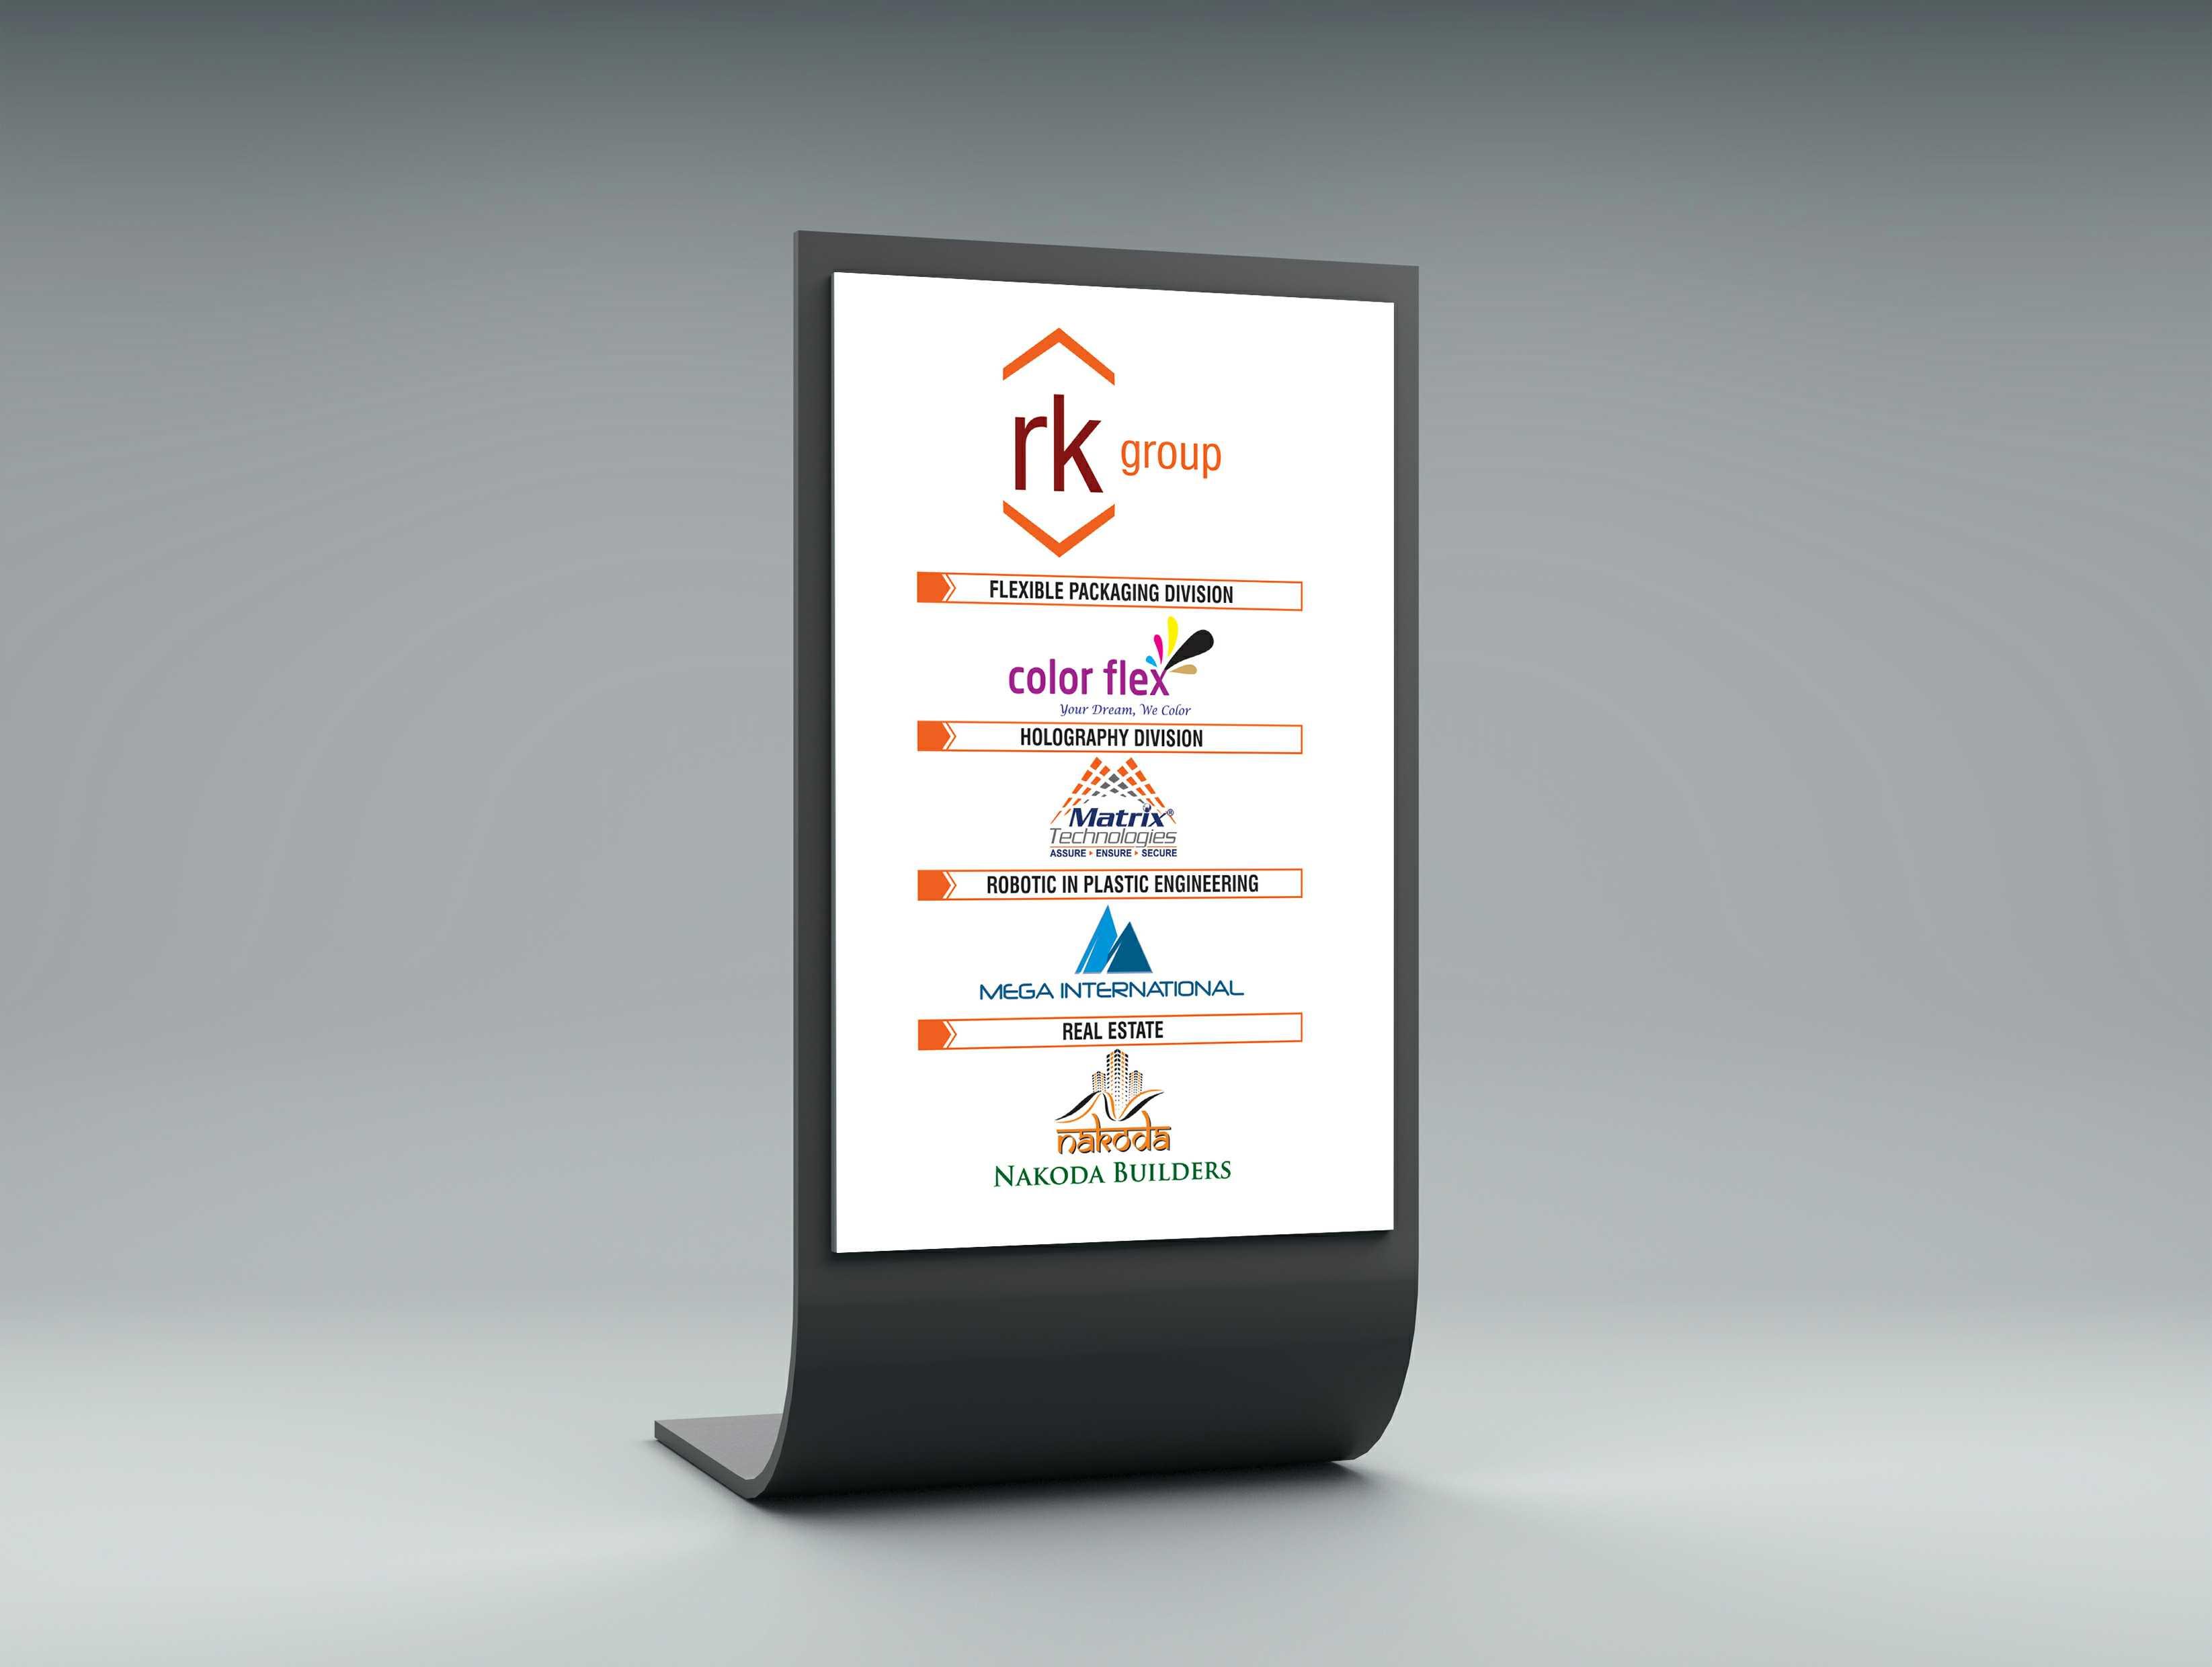 R K Group